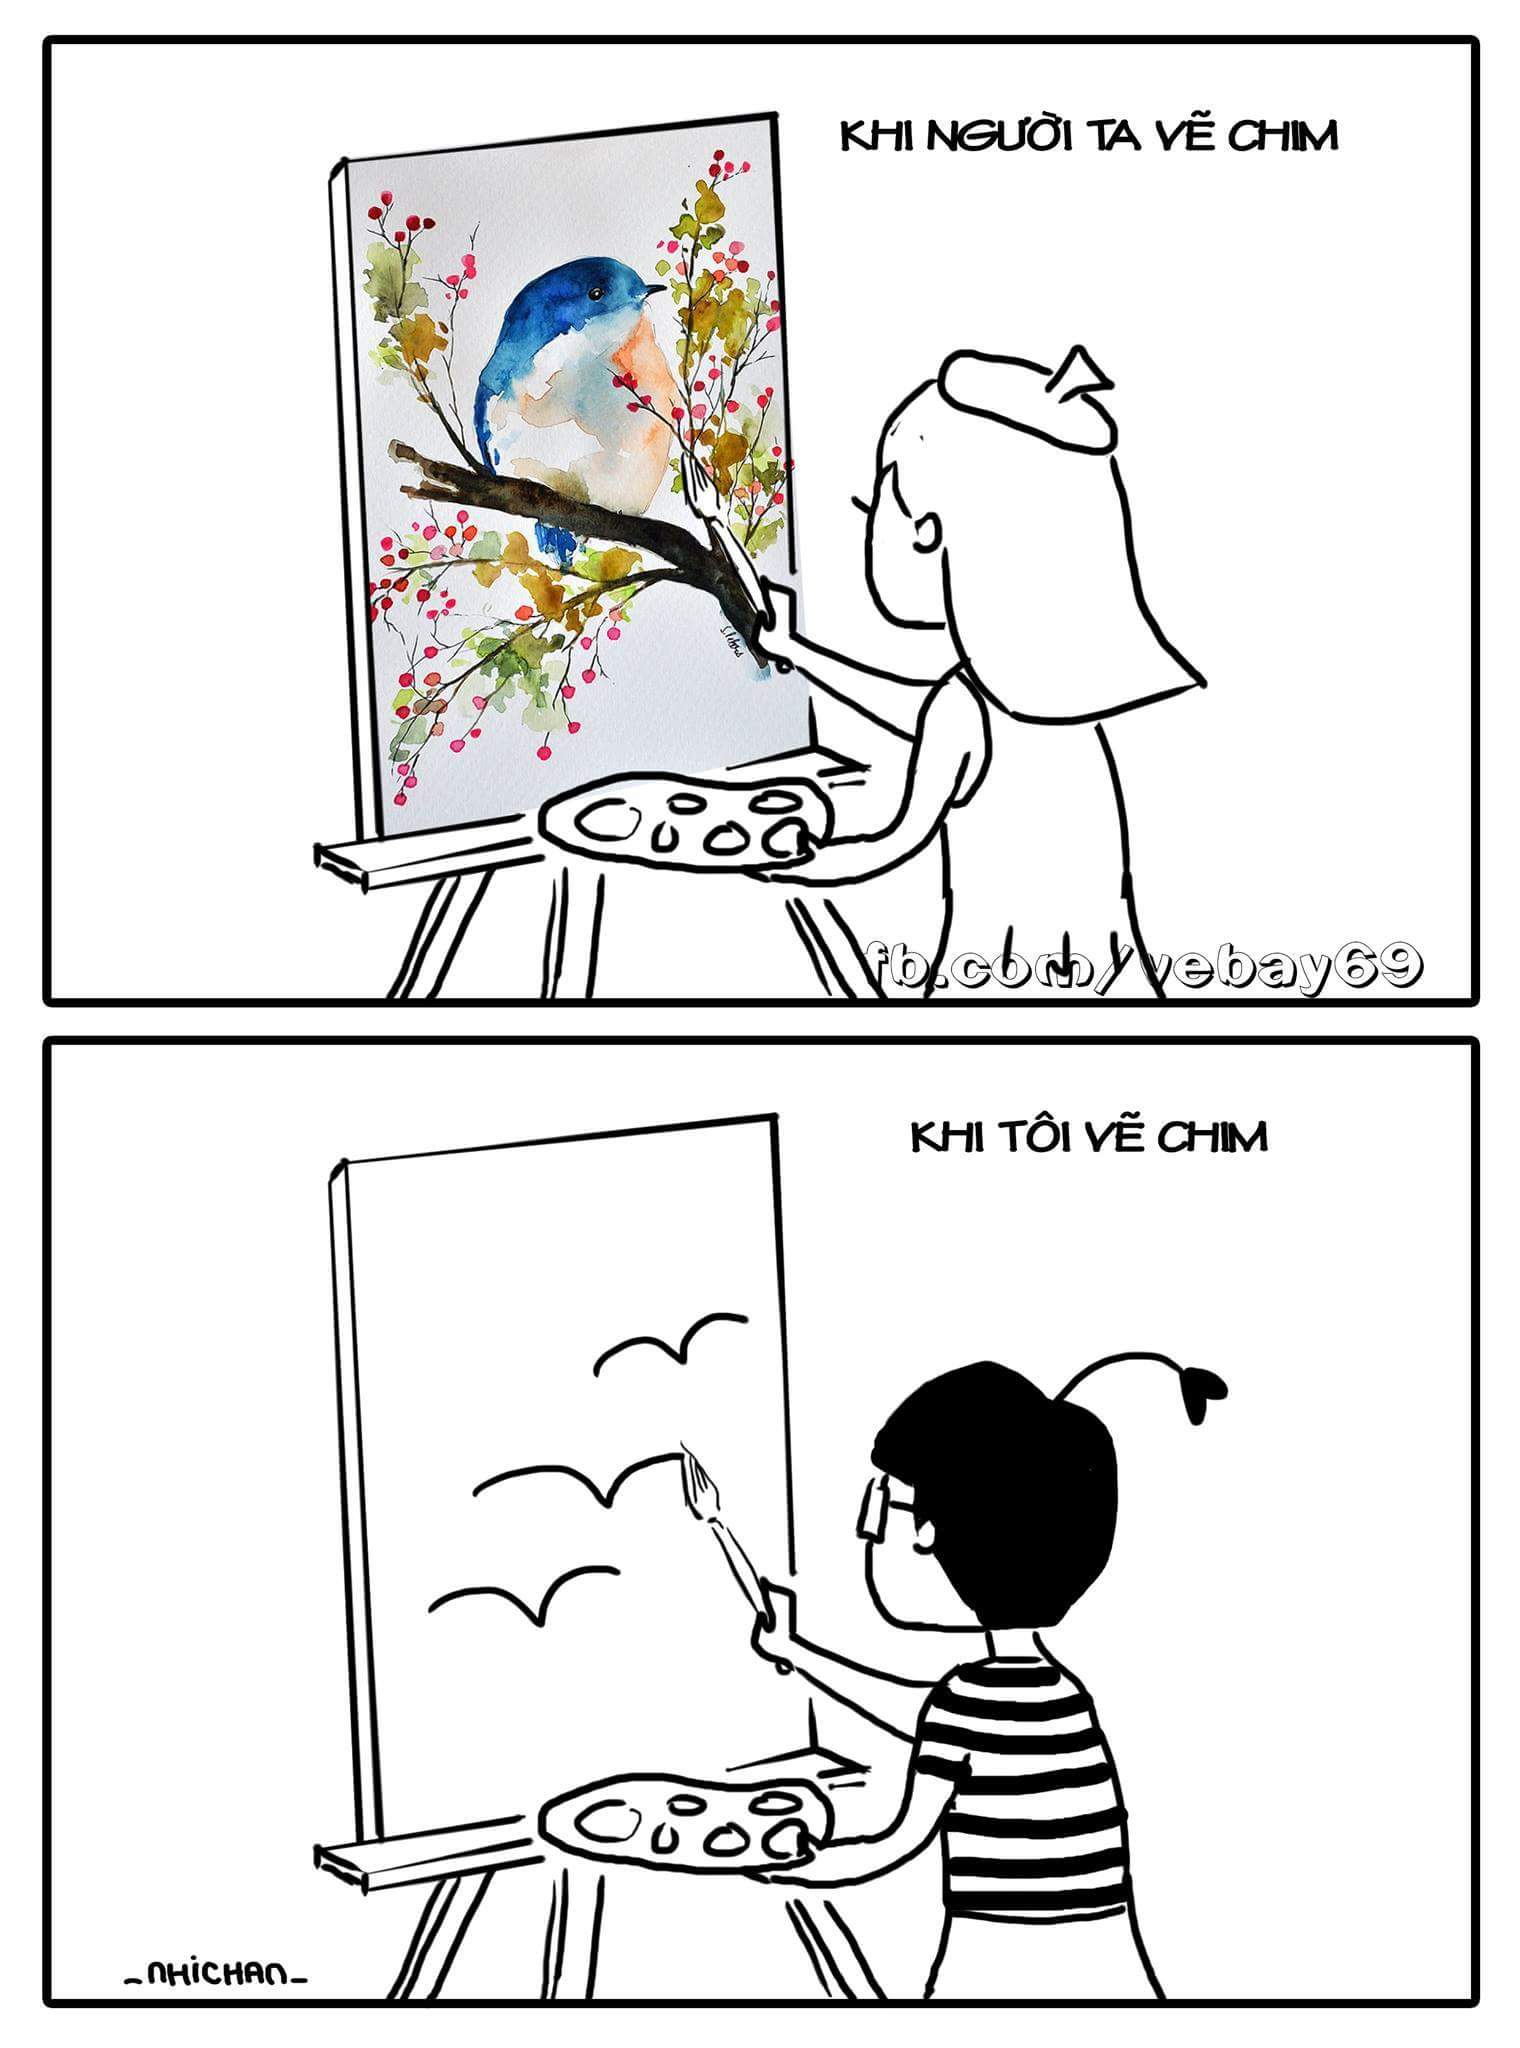 Có ai vẽ chim đẹp hơn không? :3